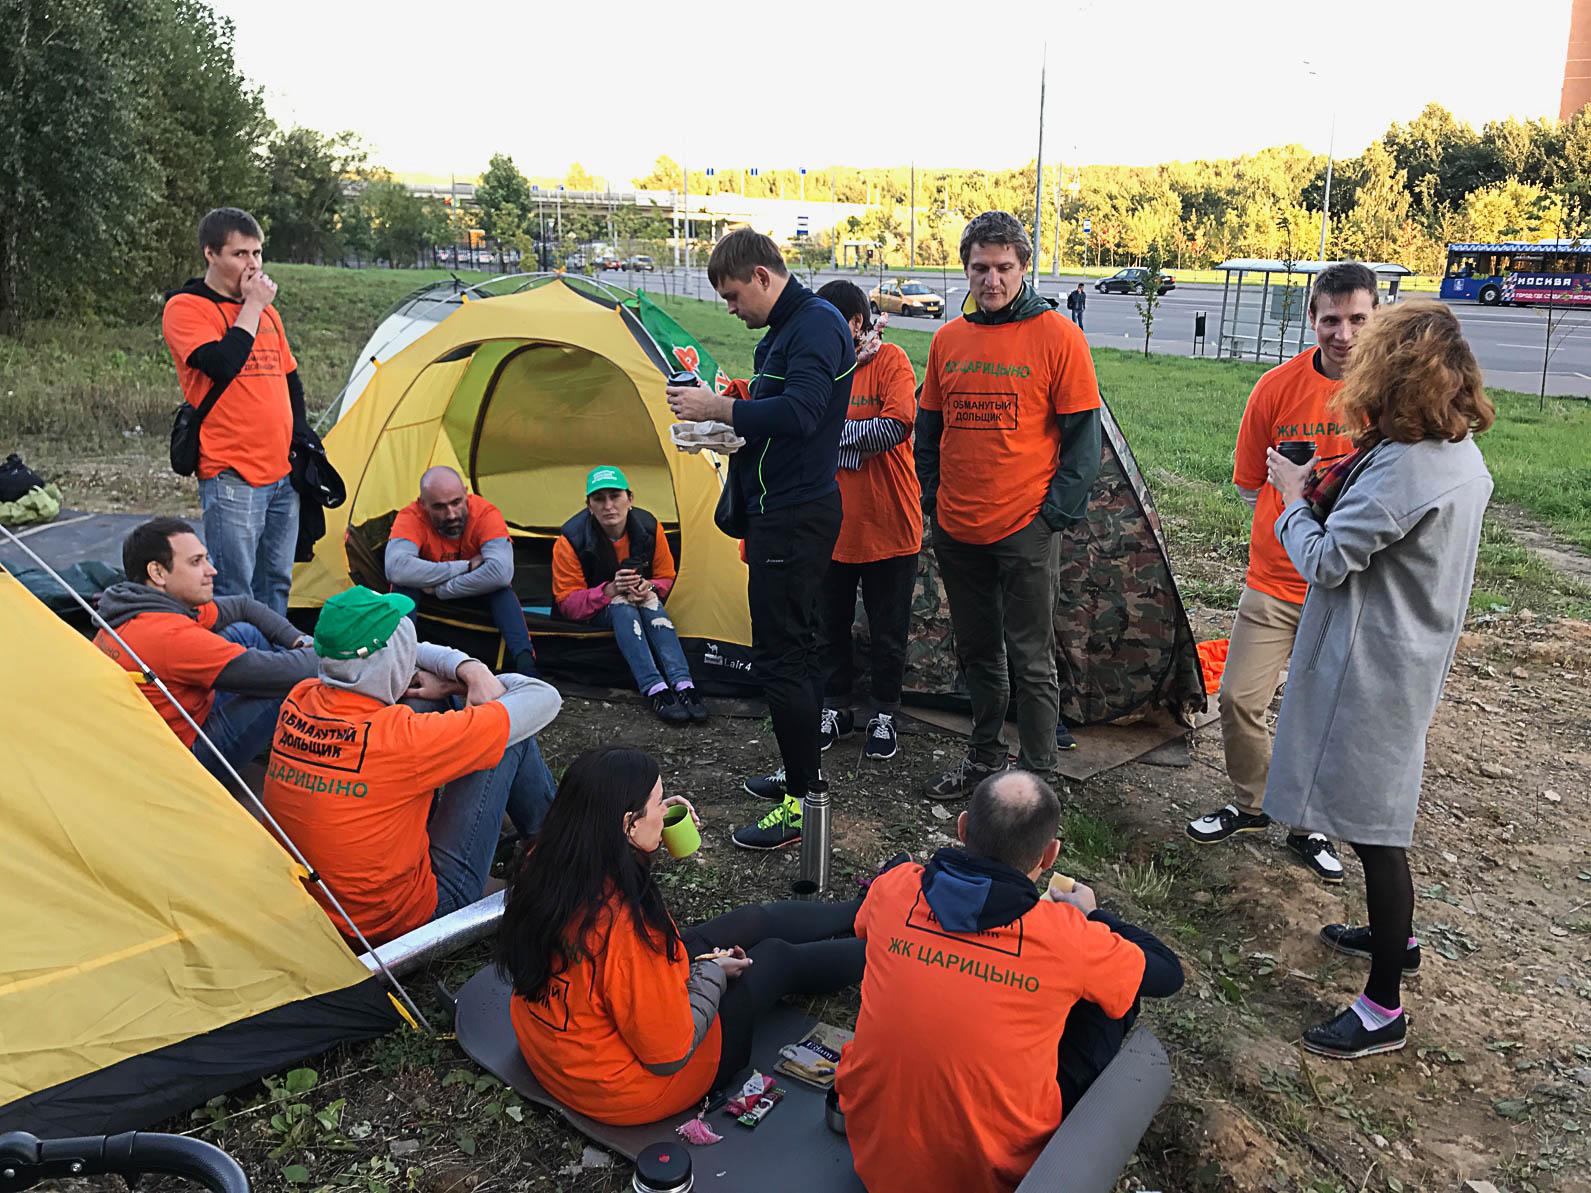 Обманутые дольщики ЖК «Царицино» вынуждены жить в палатках